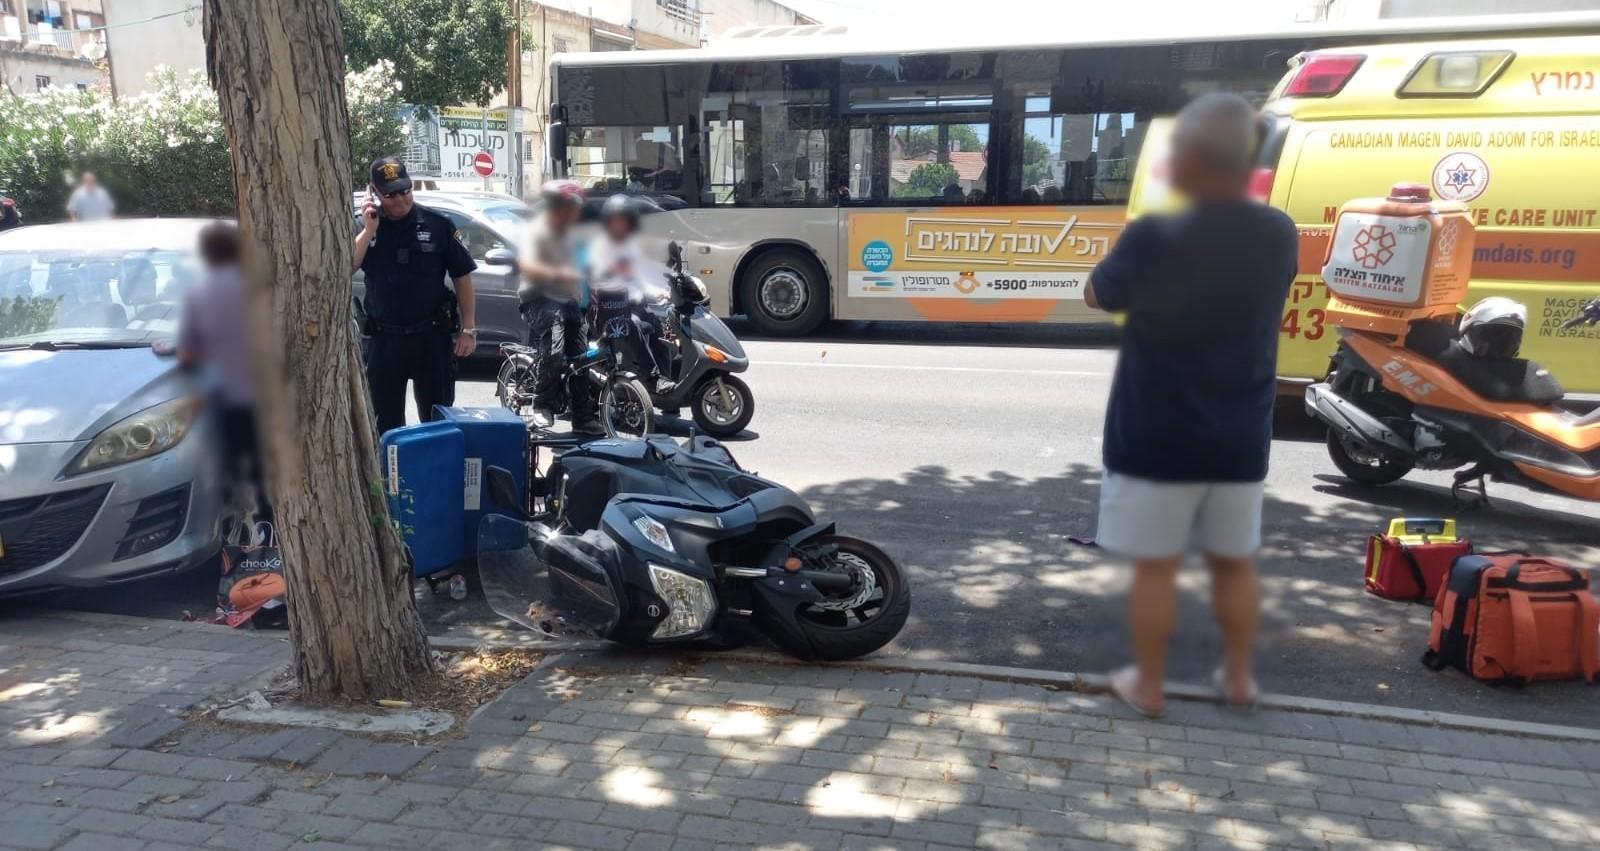 תאונת דרכים ברחוב ויצמן בהרצליה. צילום: דוברות איחוד הצלה